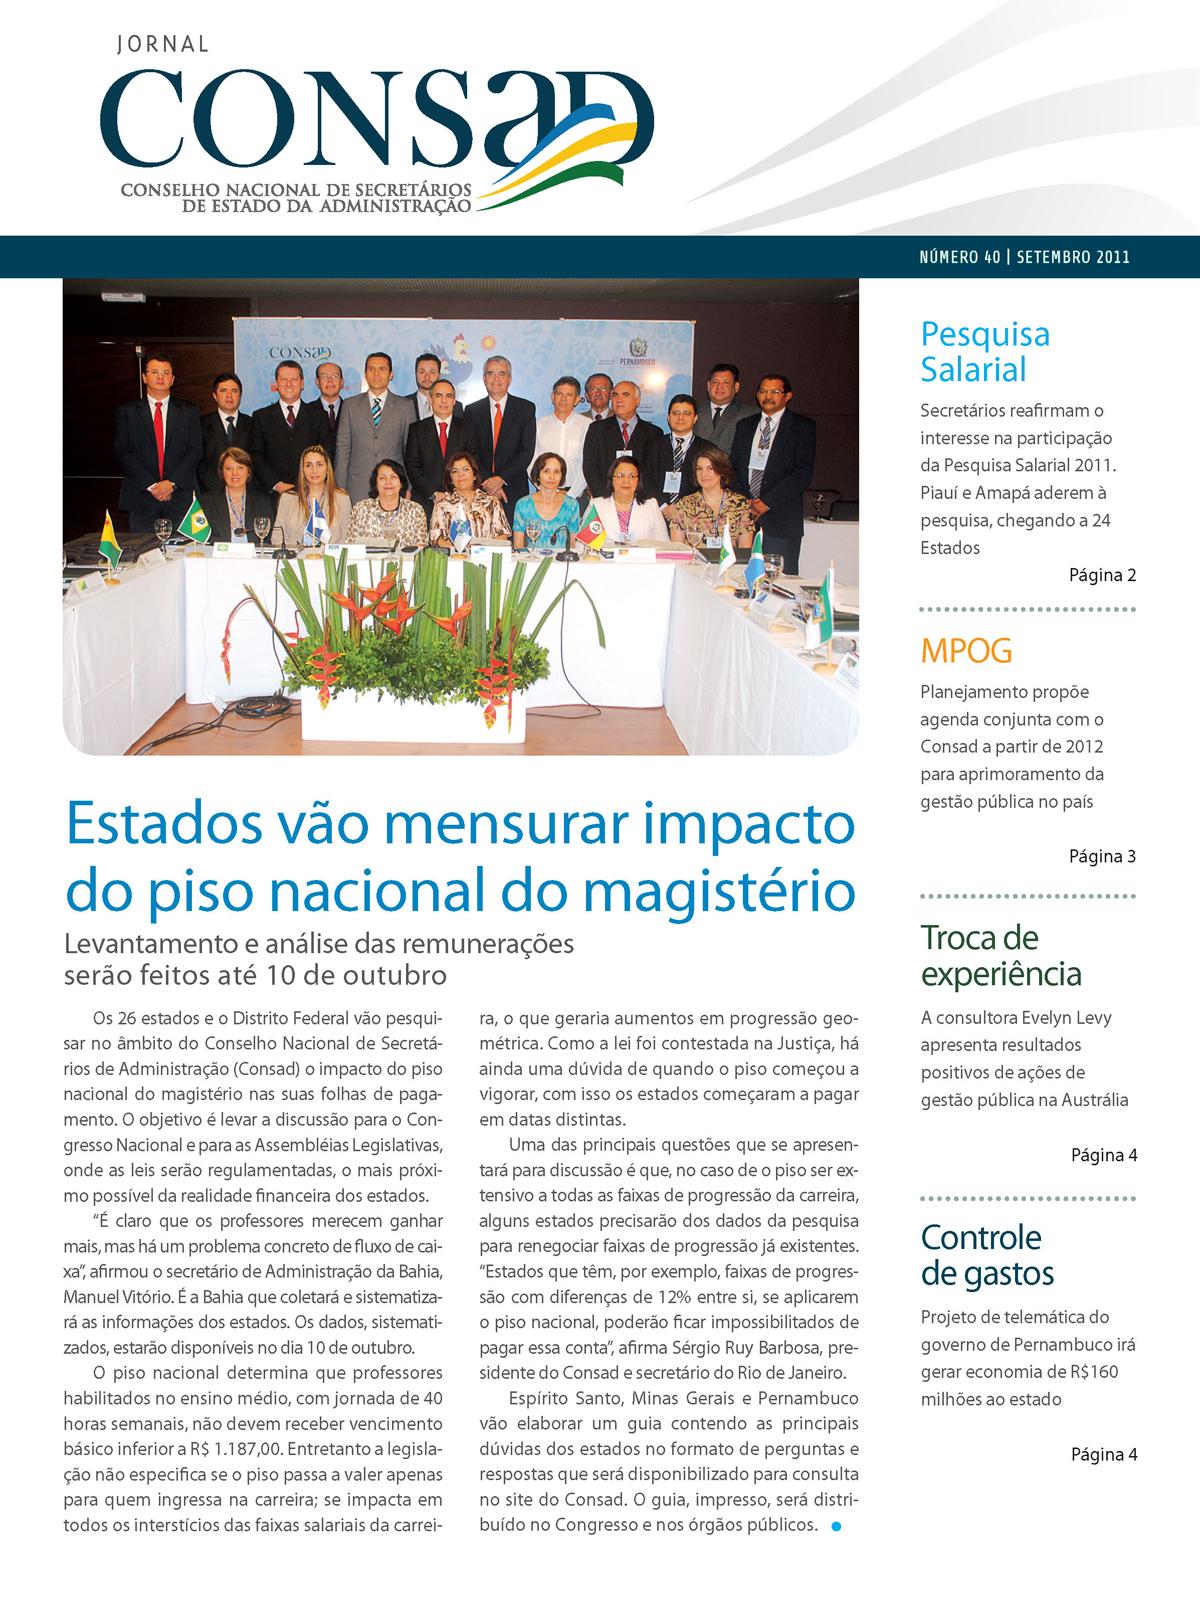 Jornal do Consad Número 40 – Setembro de 2011